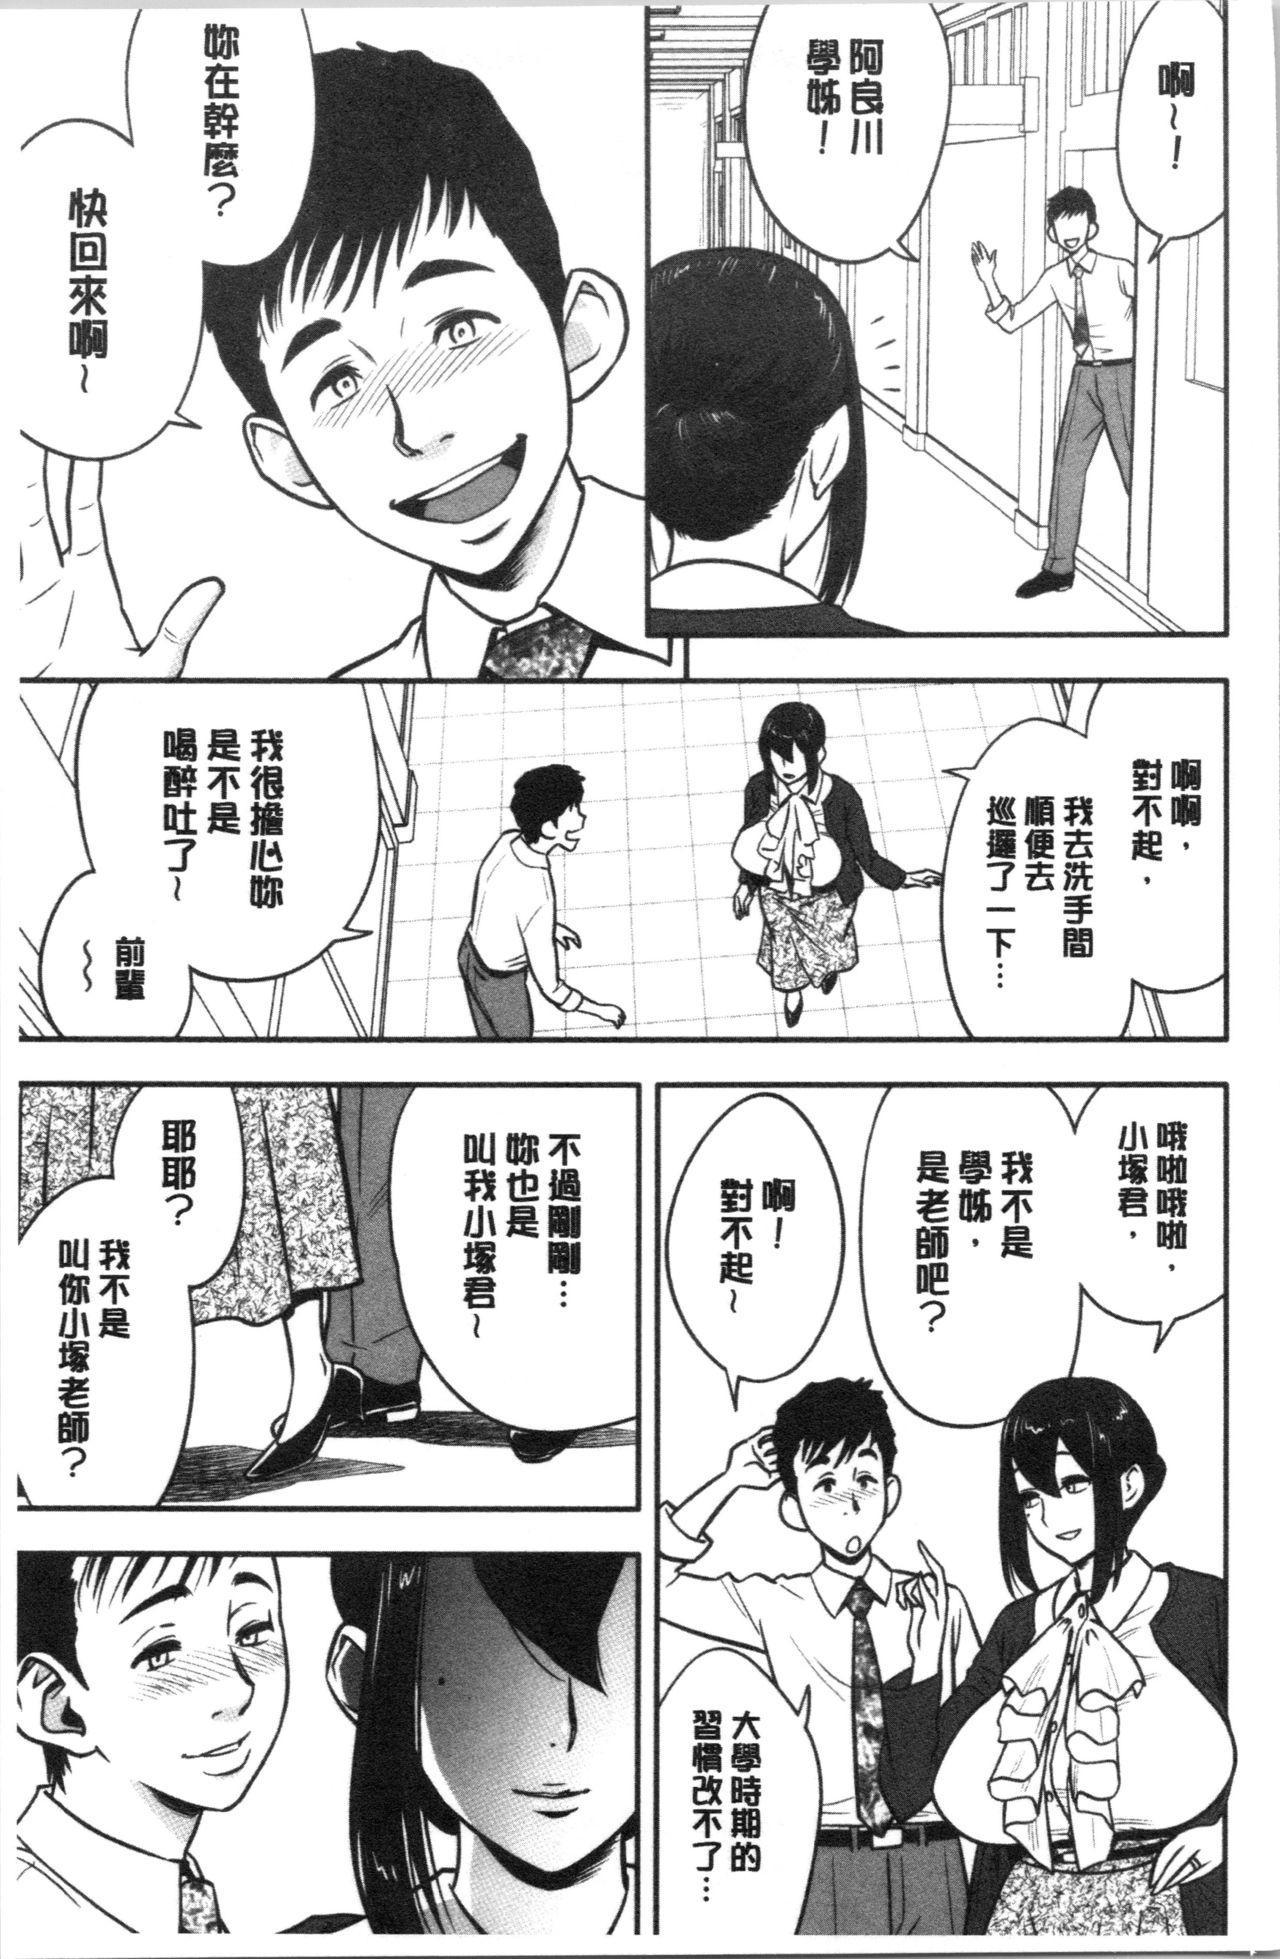 [Tatsunami Youtoku] Dankon Sousai -Hitozuma Kyoushi ga Netorareru made no Kiroku- | 男根想妻 -人妻女教師被寢取偷吃為止的記錄- [Chinese] 7